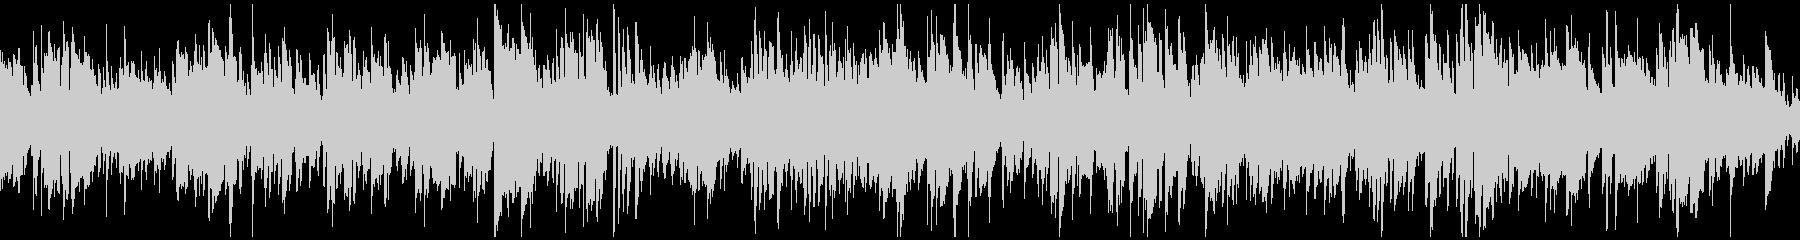 大人なカフェラウンジ系ボサノバ※ループ版の未再生の波形